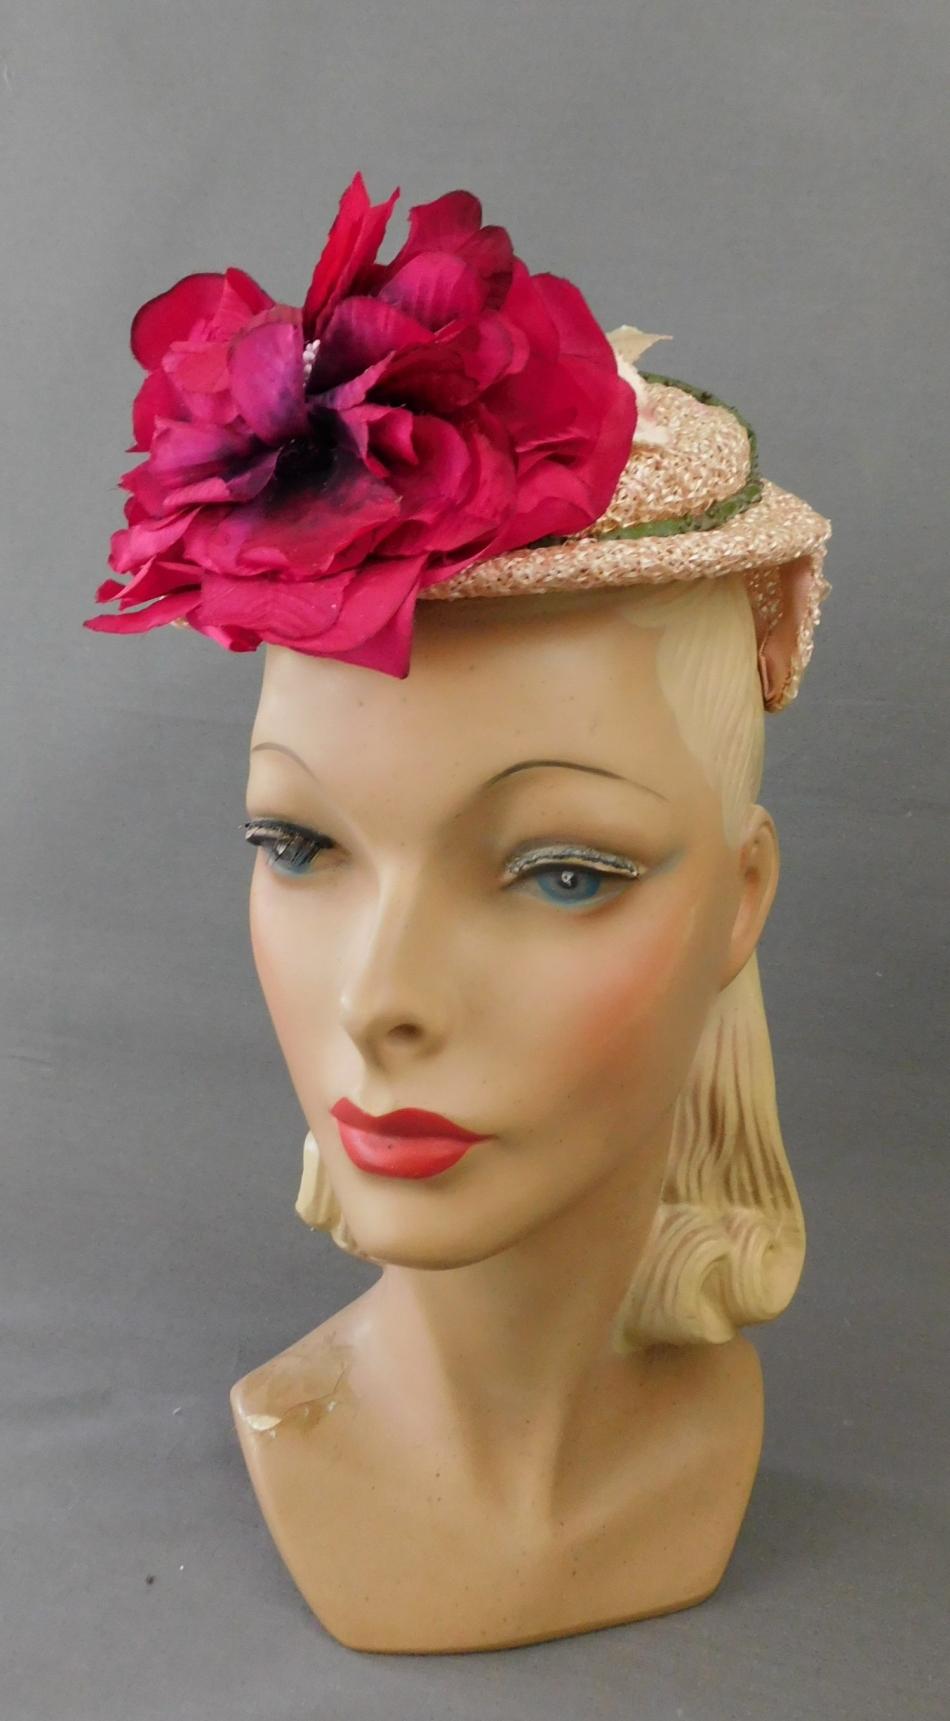 Vintage Pink Straw Floral Topper Hat 1950s, G. Howard Hodge